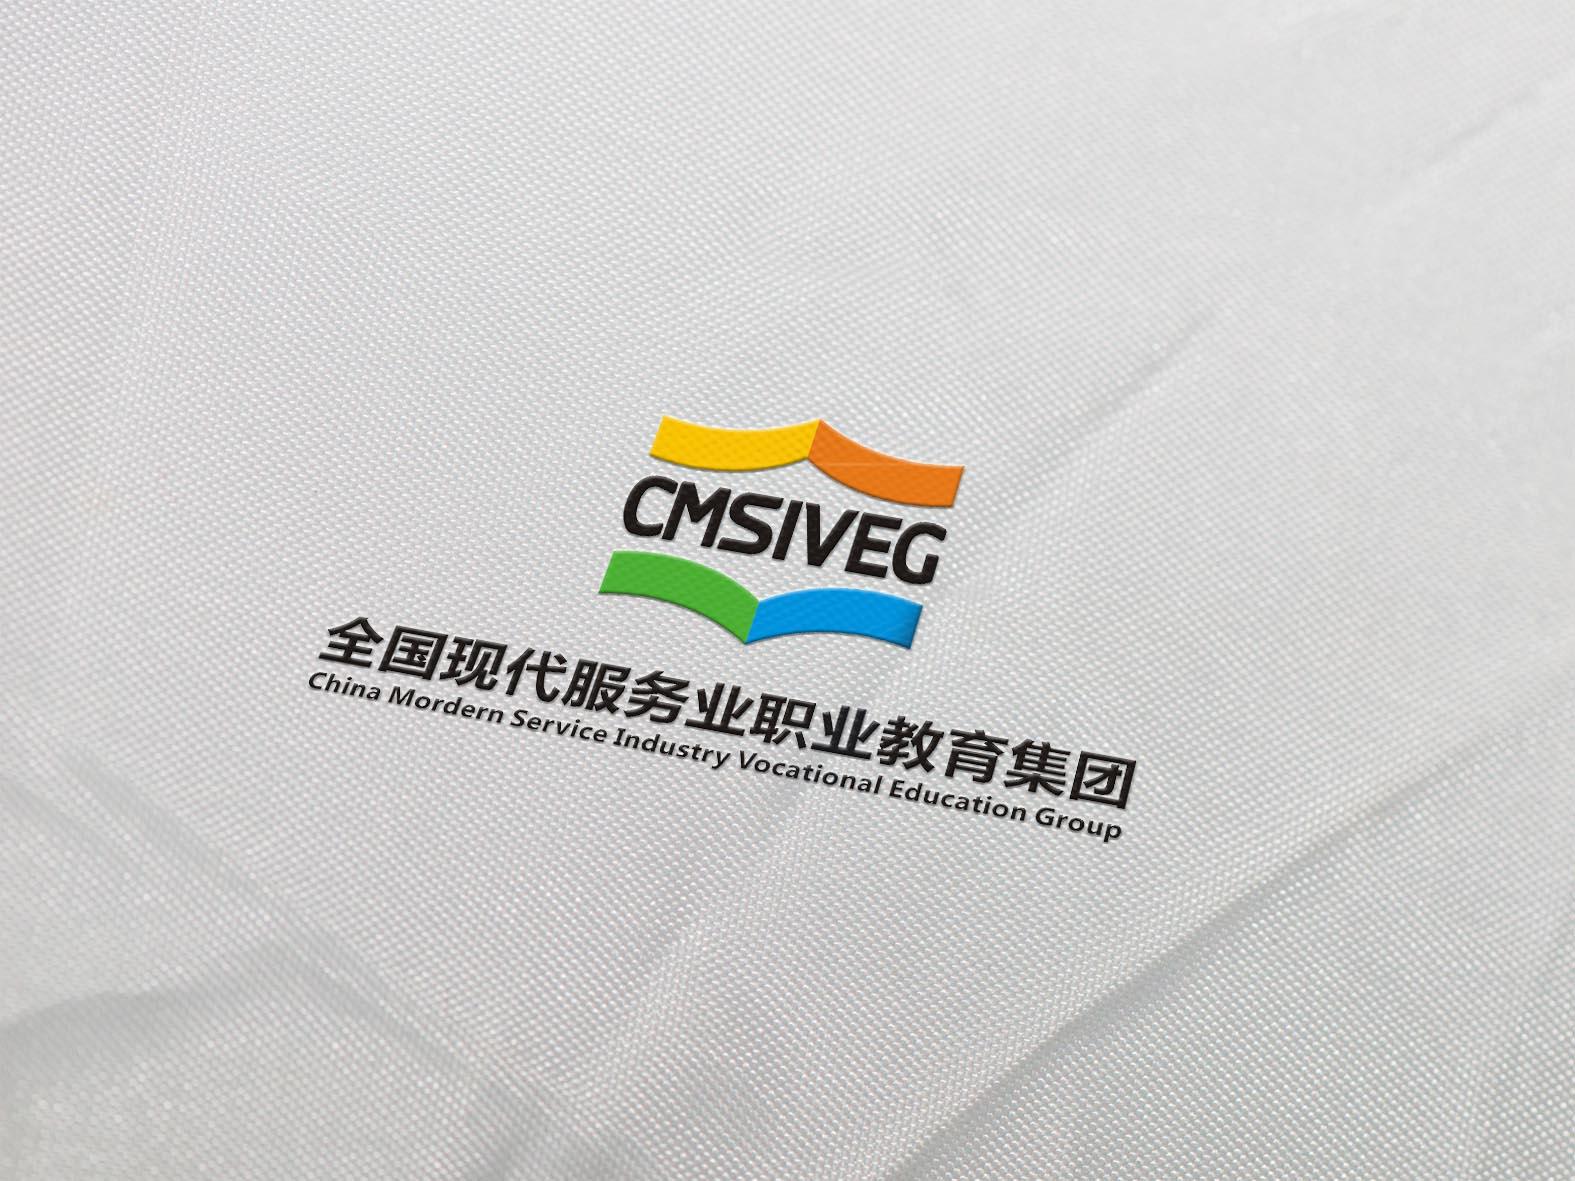 全国现代服务业职业教育集团logo设计_2946508_k68威客网